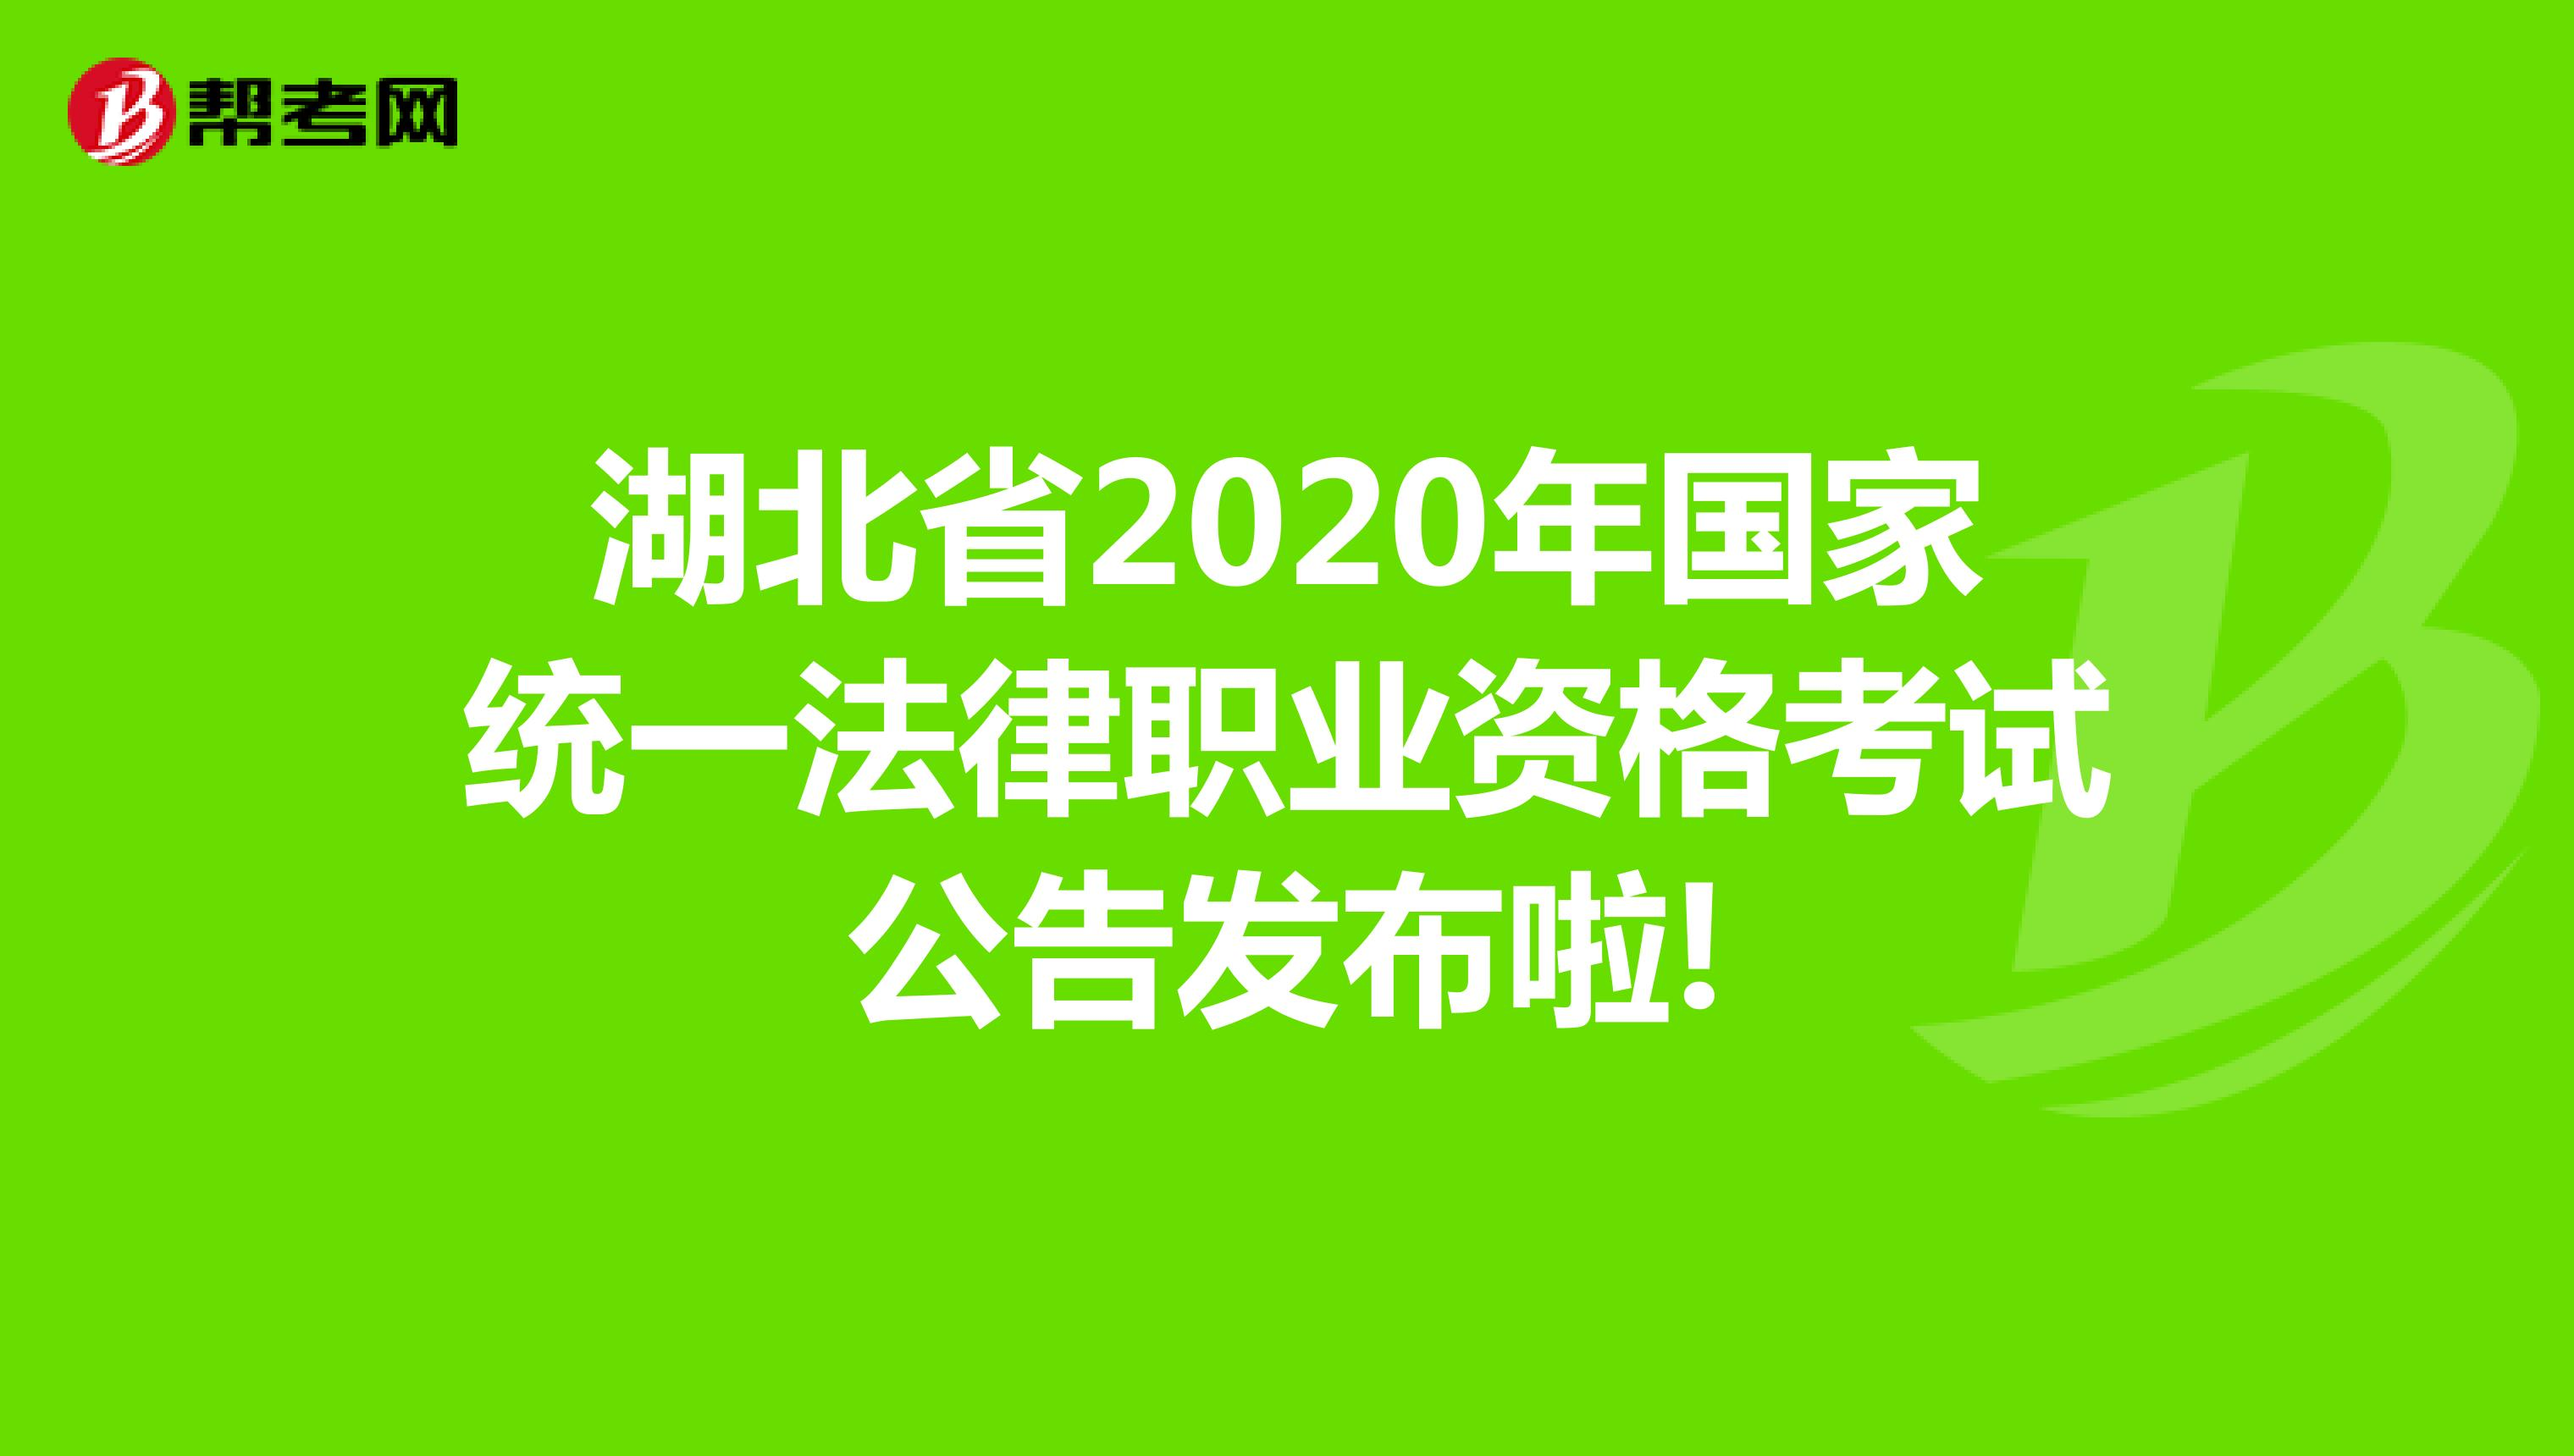 湖北省2020年國家統一法律職業資格考試公告發布啦!